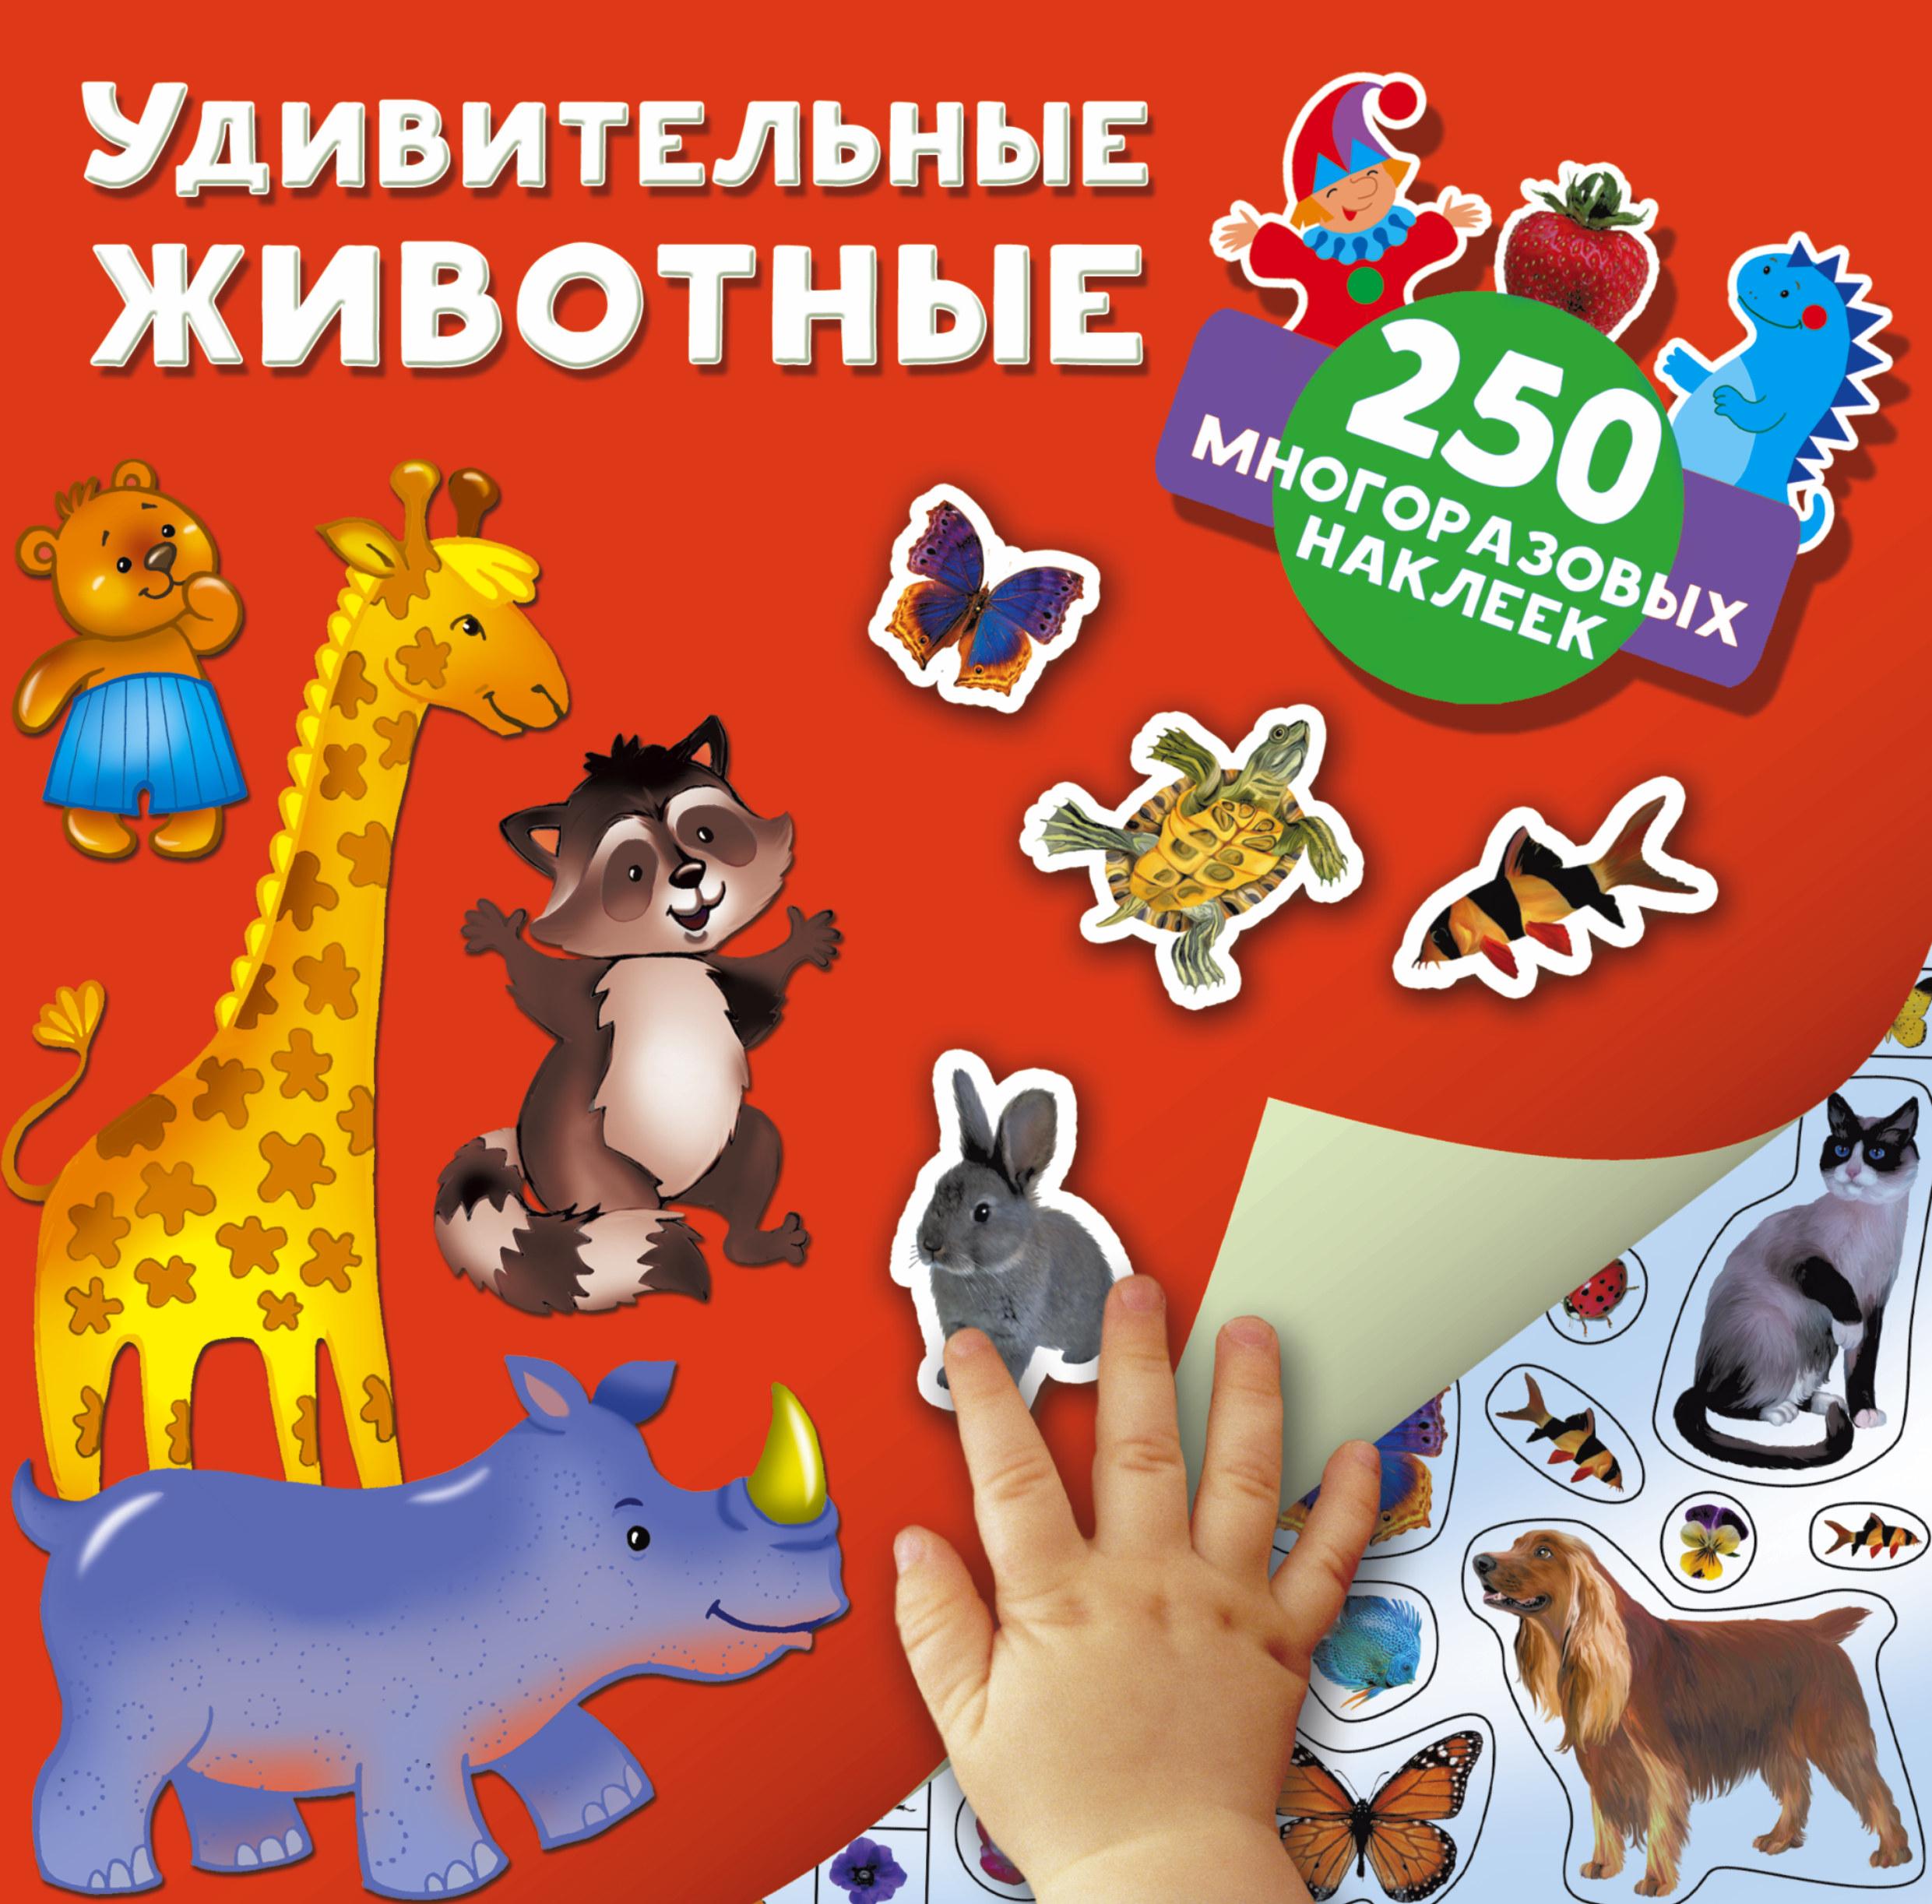 Дмитриева В.Г. Удивительные животные сантехнические работы своими руками уроки домашнего мастера cd с видеокурсом